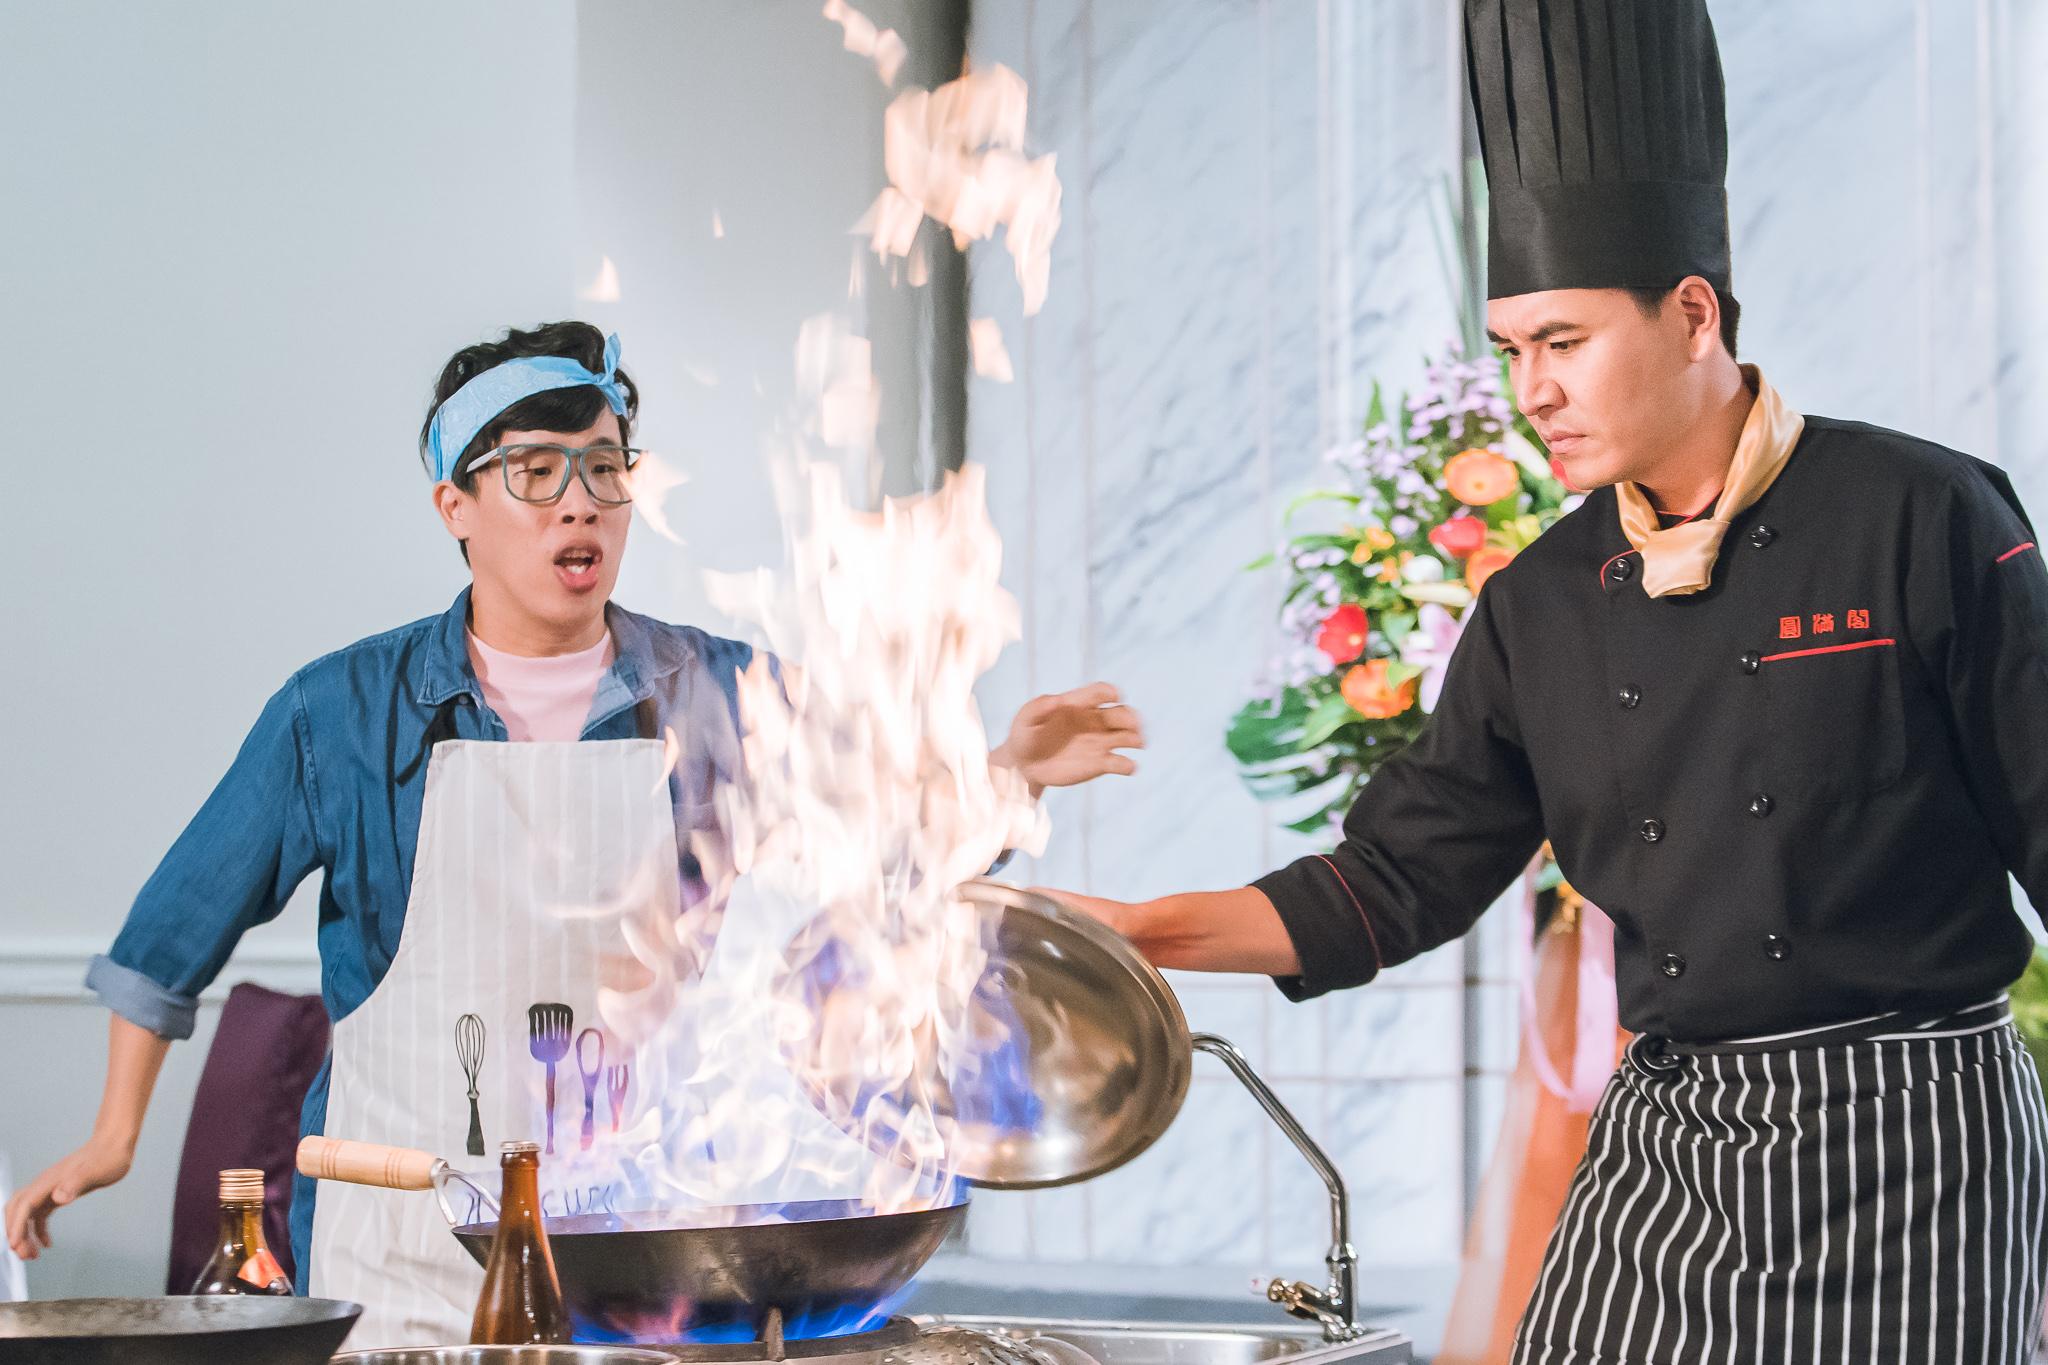 《美味滿閣》  王傳一首度挑戰廚師角色  炒鍋起火象徵收視旺旺旺!